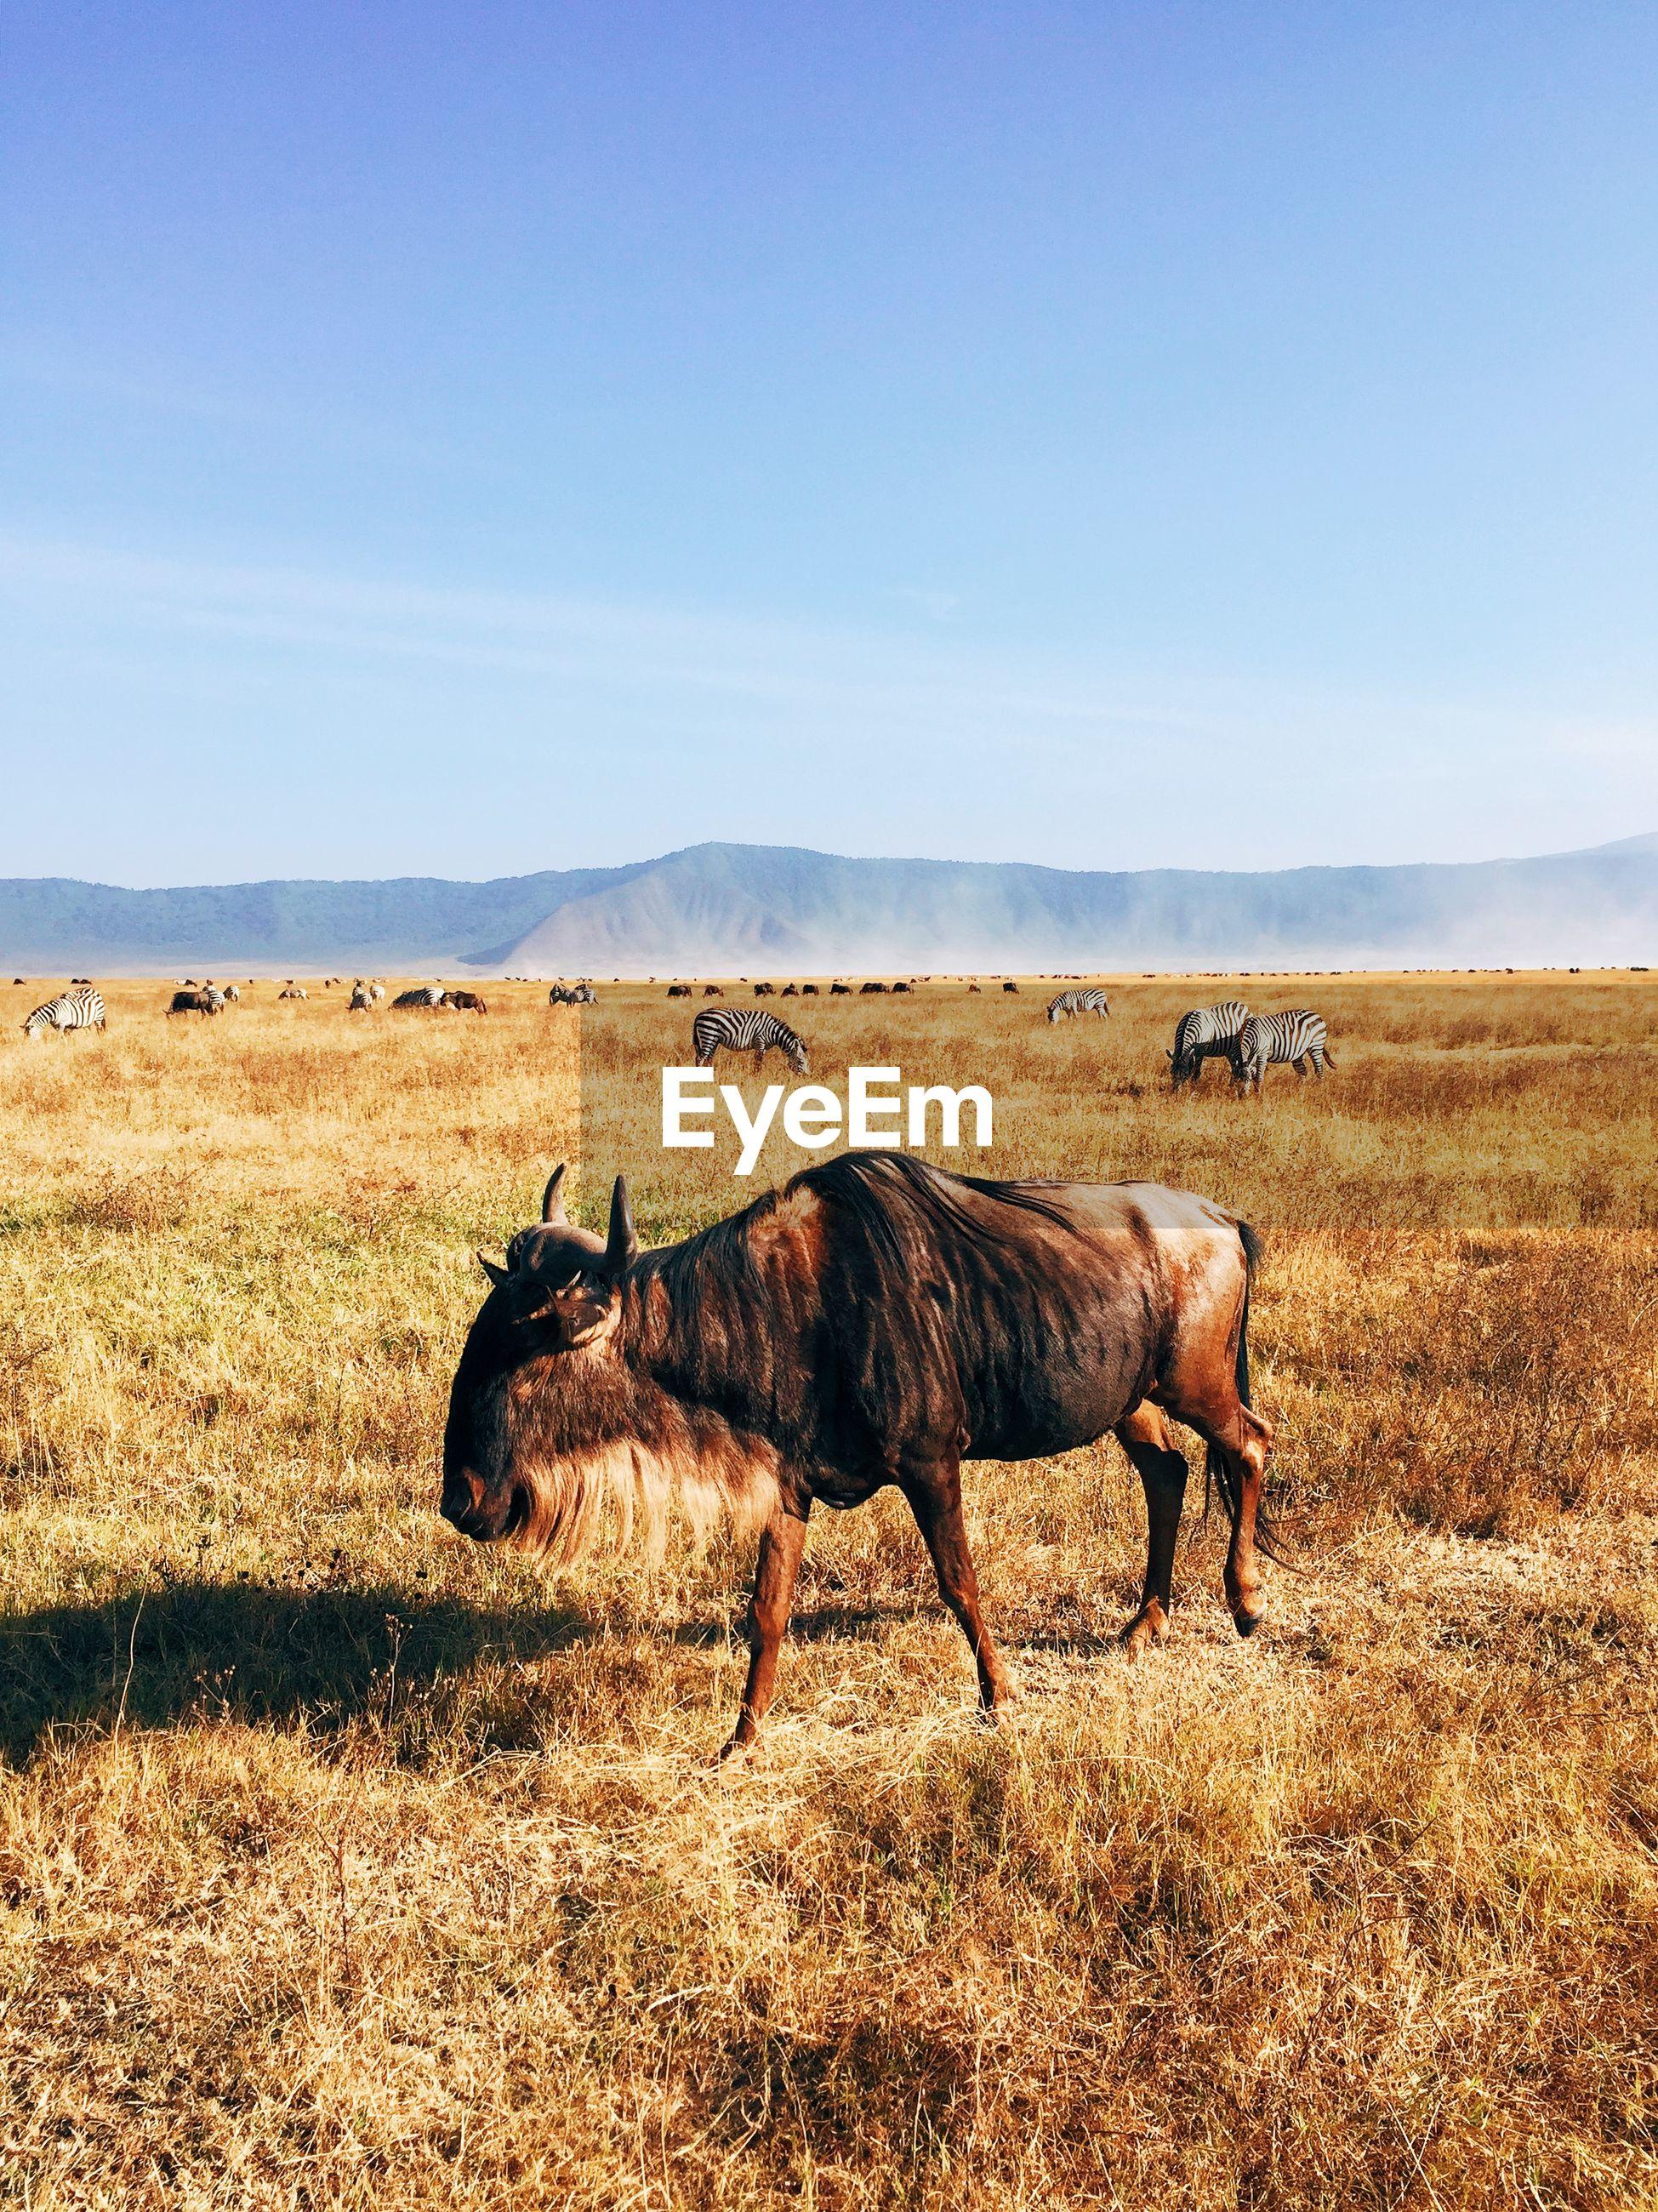 Wildebeest walking on grassy field against clear sky